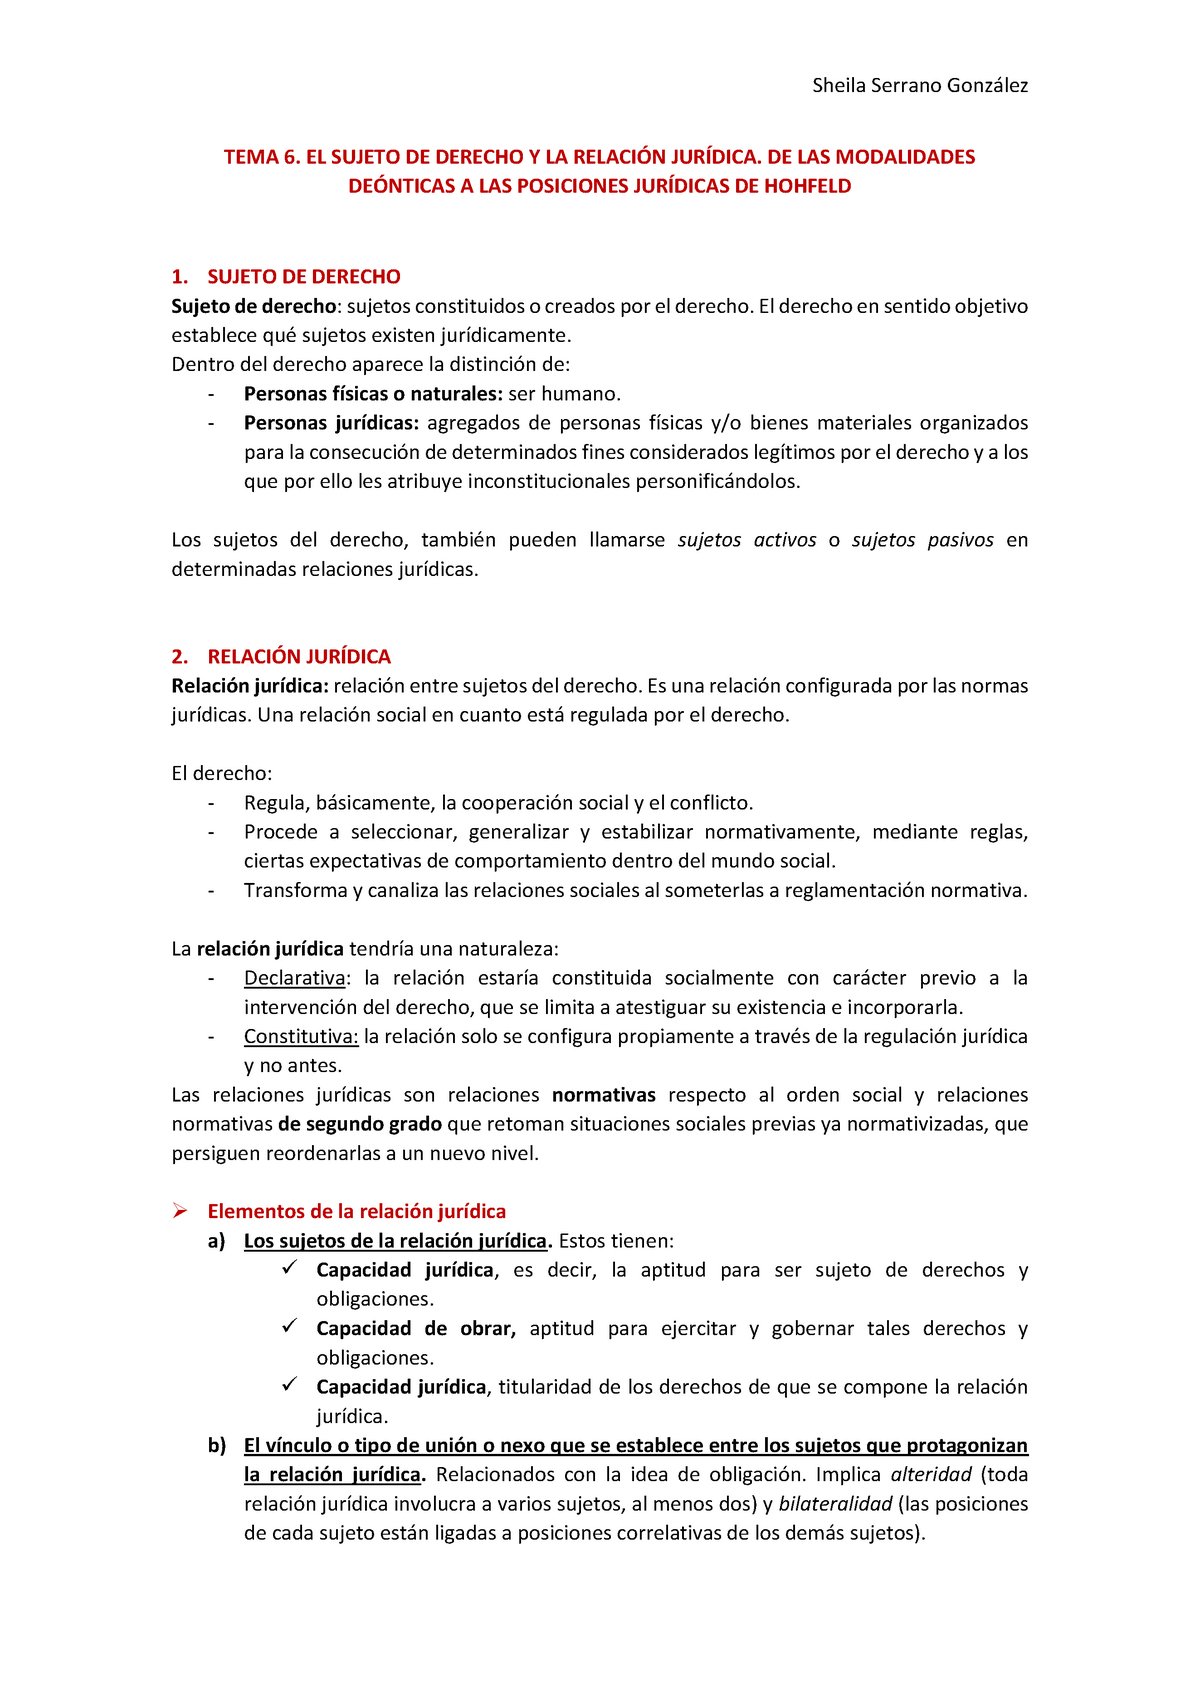 3973d66d5fac Tema 6. El sujeto de derecho y la relación jurídica de las - StuDocu